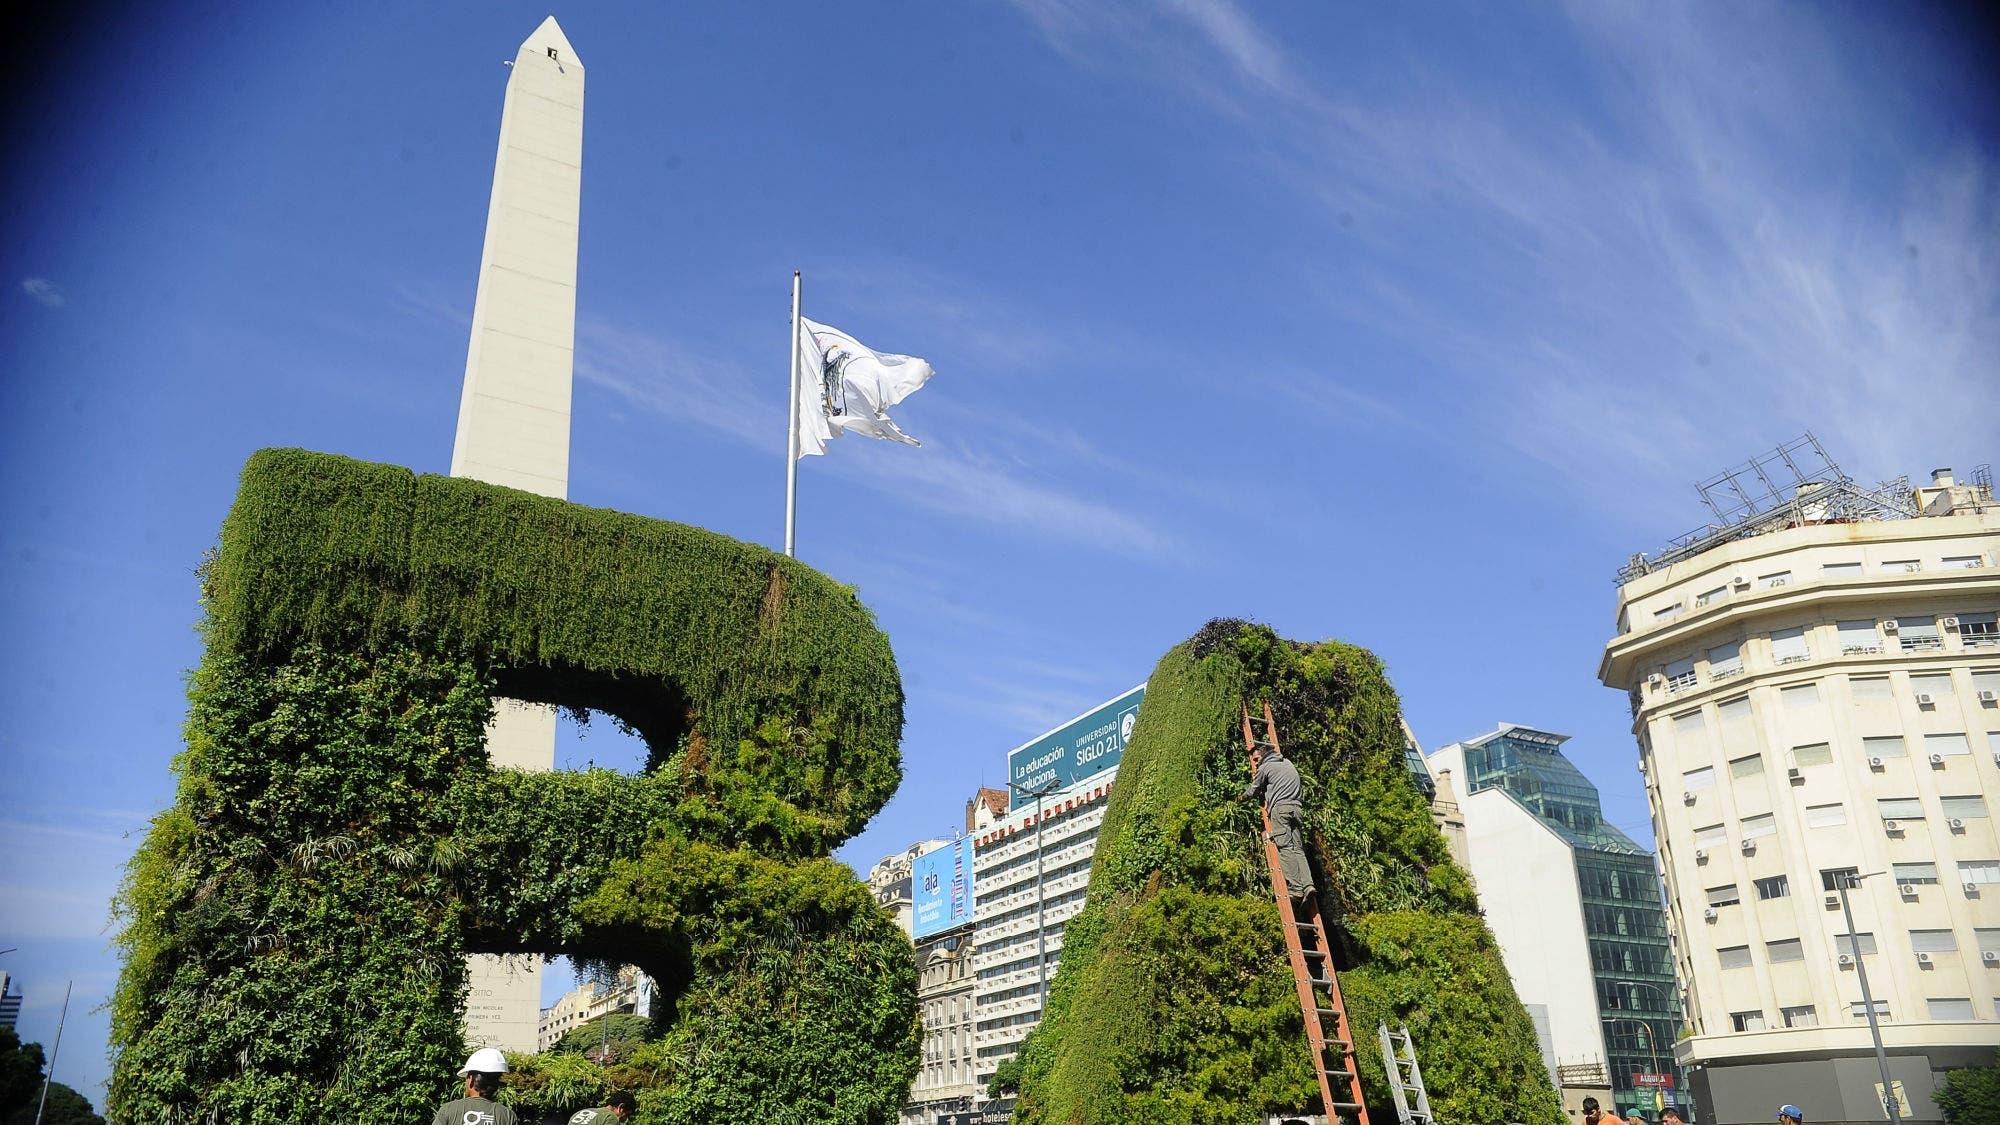 Inauguraron un jard n vertical gigante frente al obelisco for Jardines verticales buenos aires